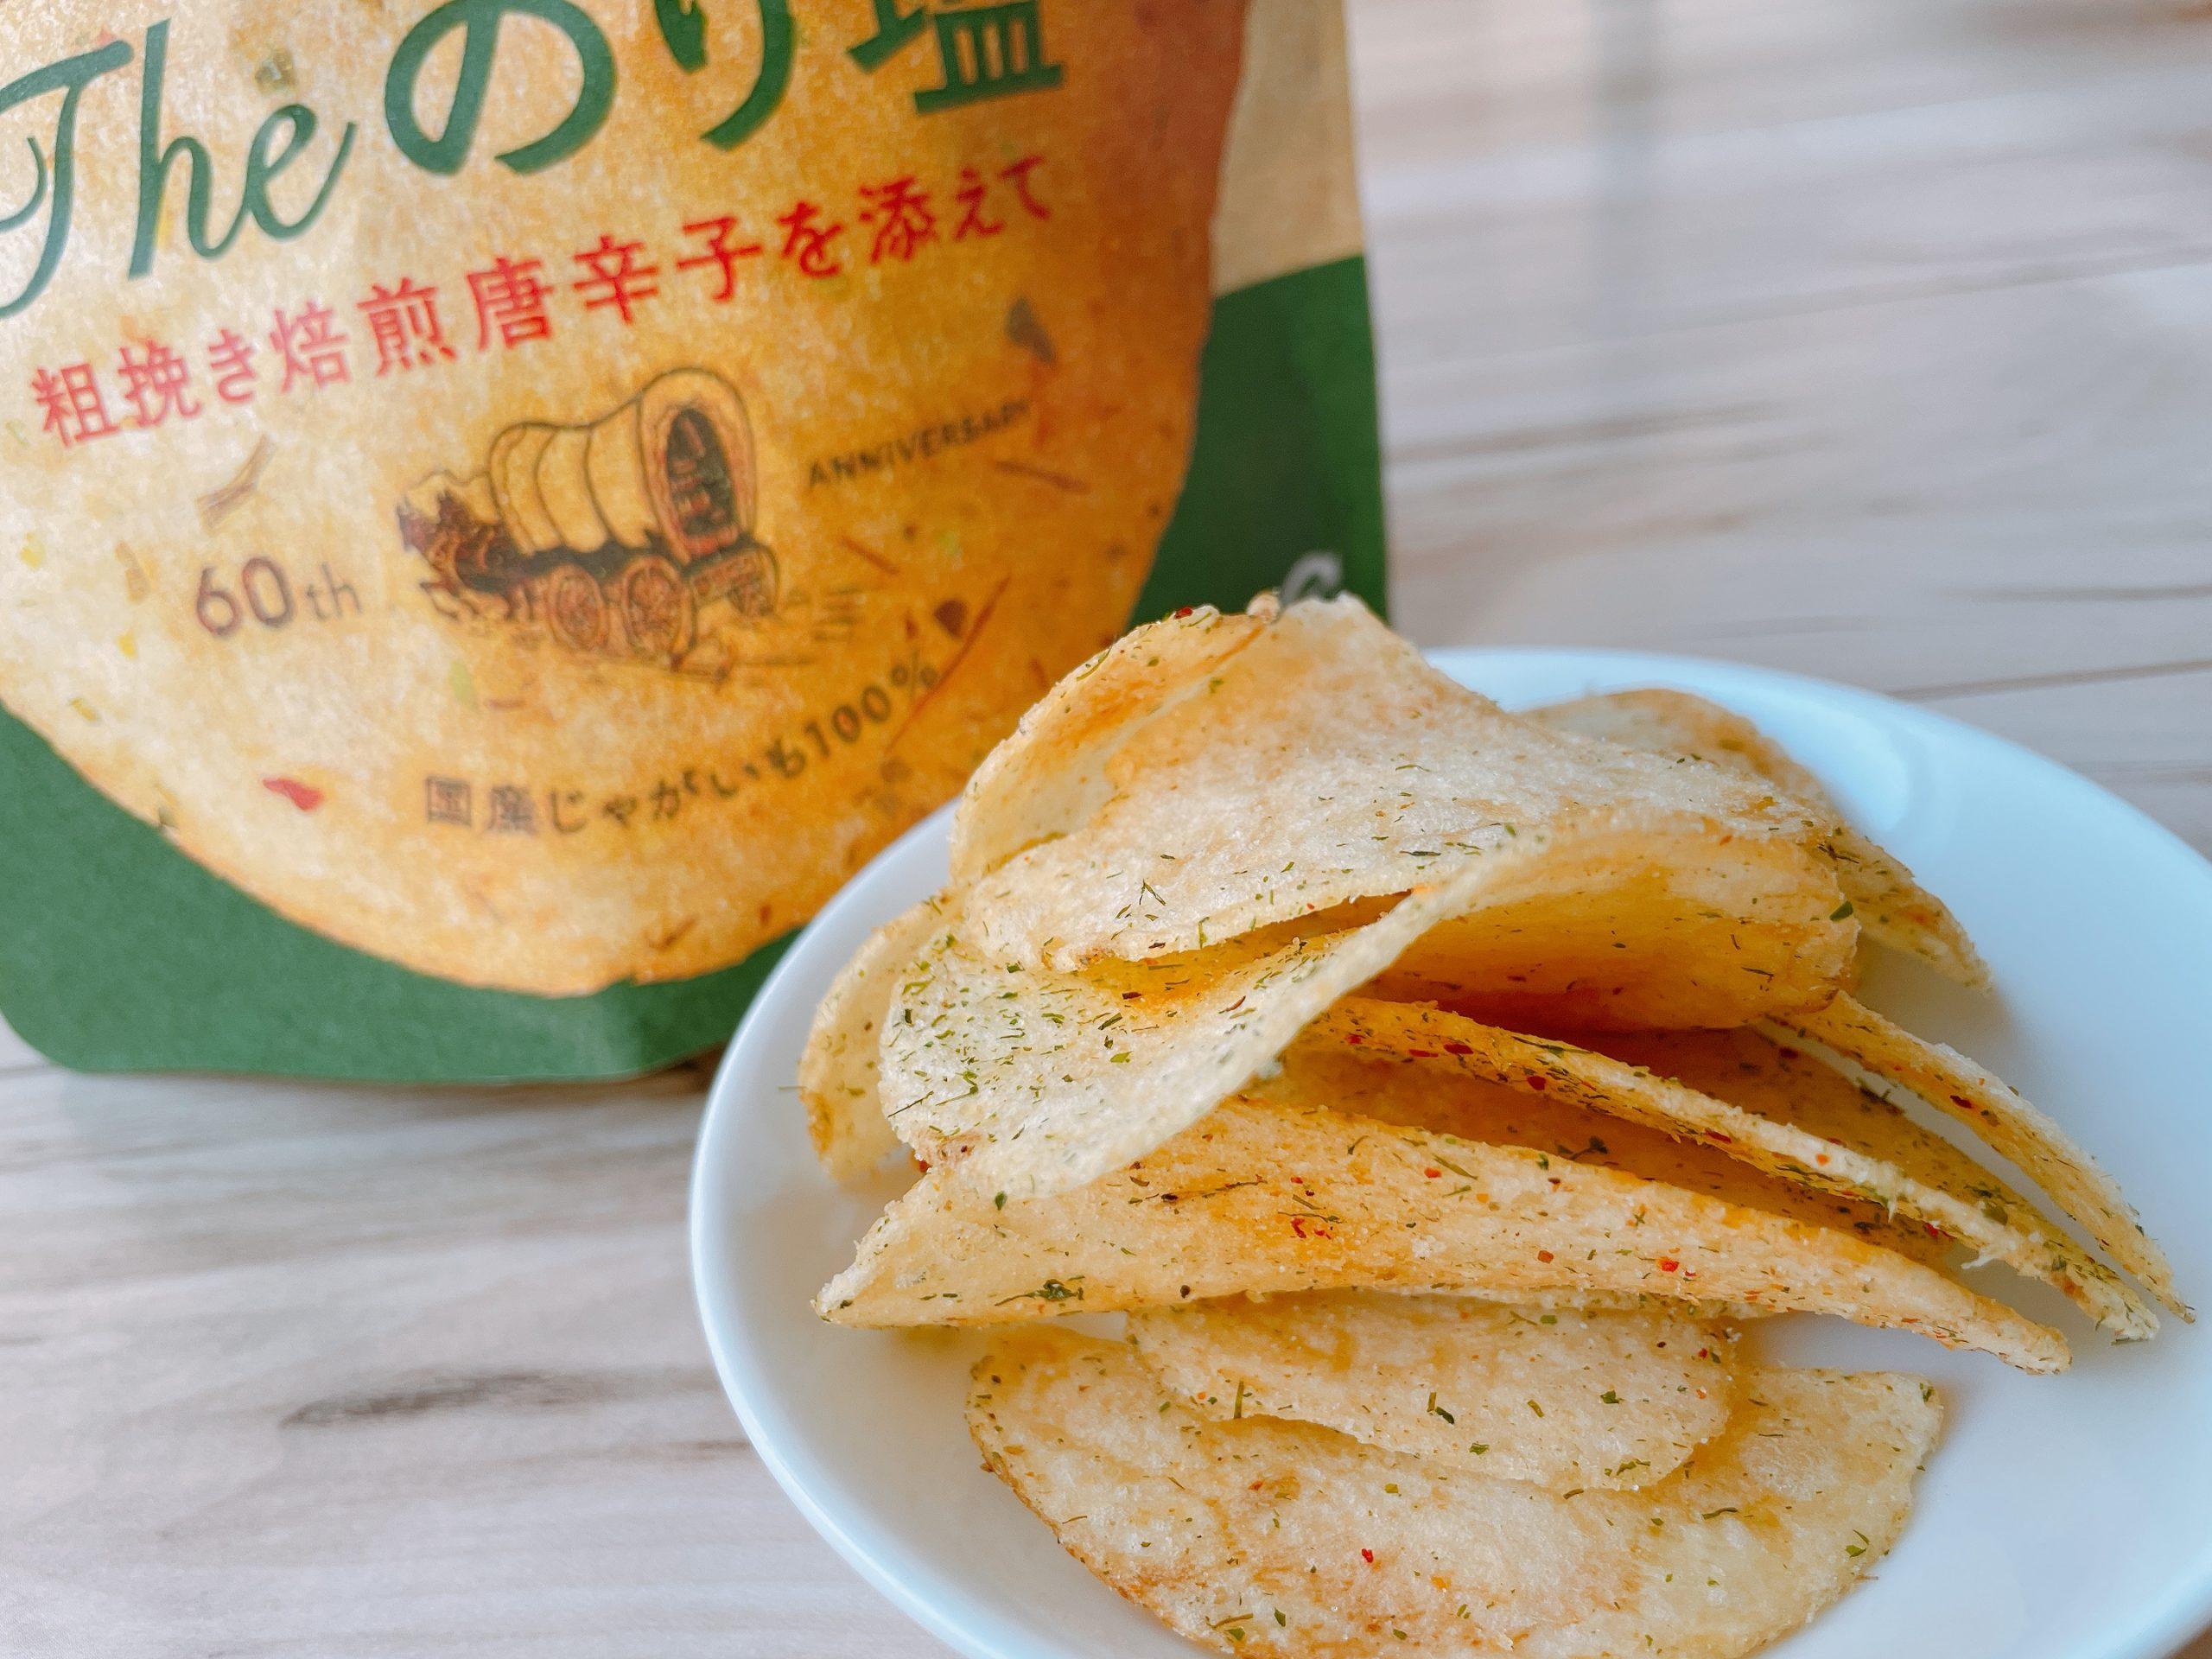 KOIKEYA The のり塩<粗挽き焙煎唐辛子を添えて>唐辛子もすごくうまい